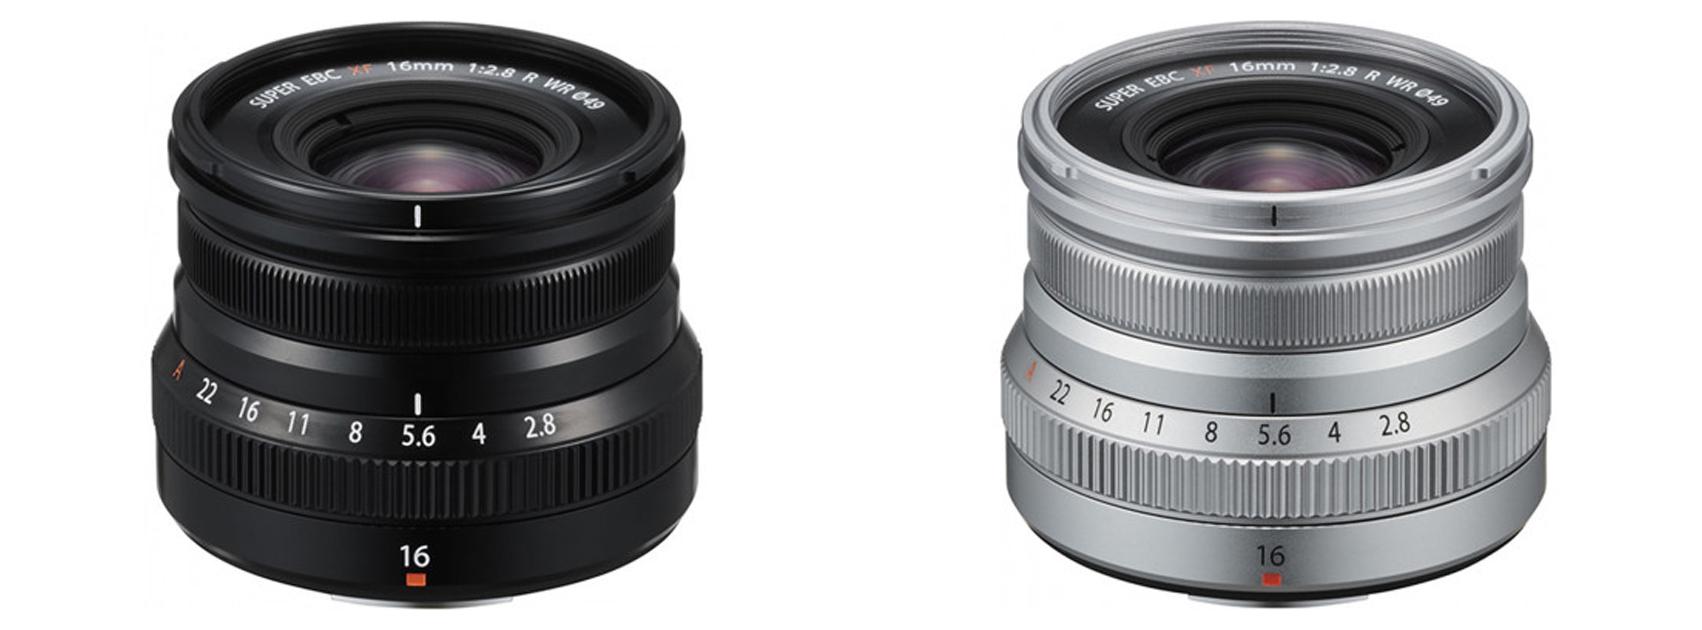 Nüüd saadaval: Fujifilm XF-16mm F2,8 R WR objektiiv X-seeria hübriidkaameratele